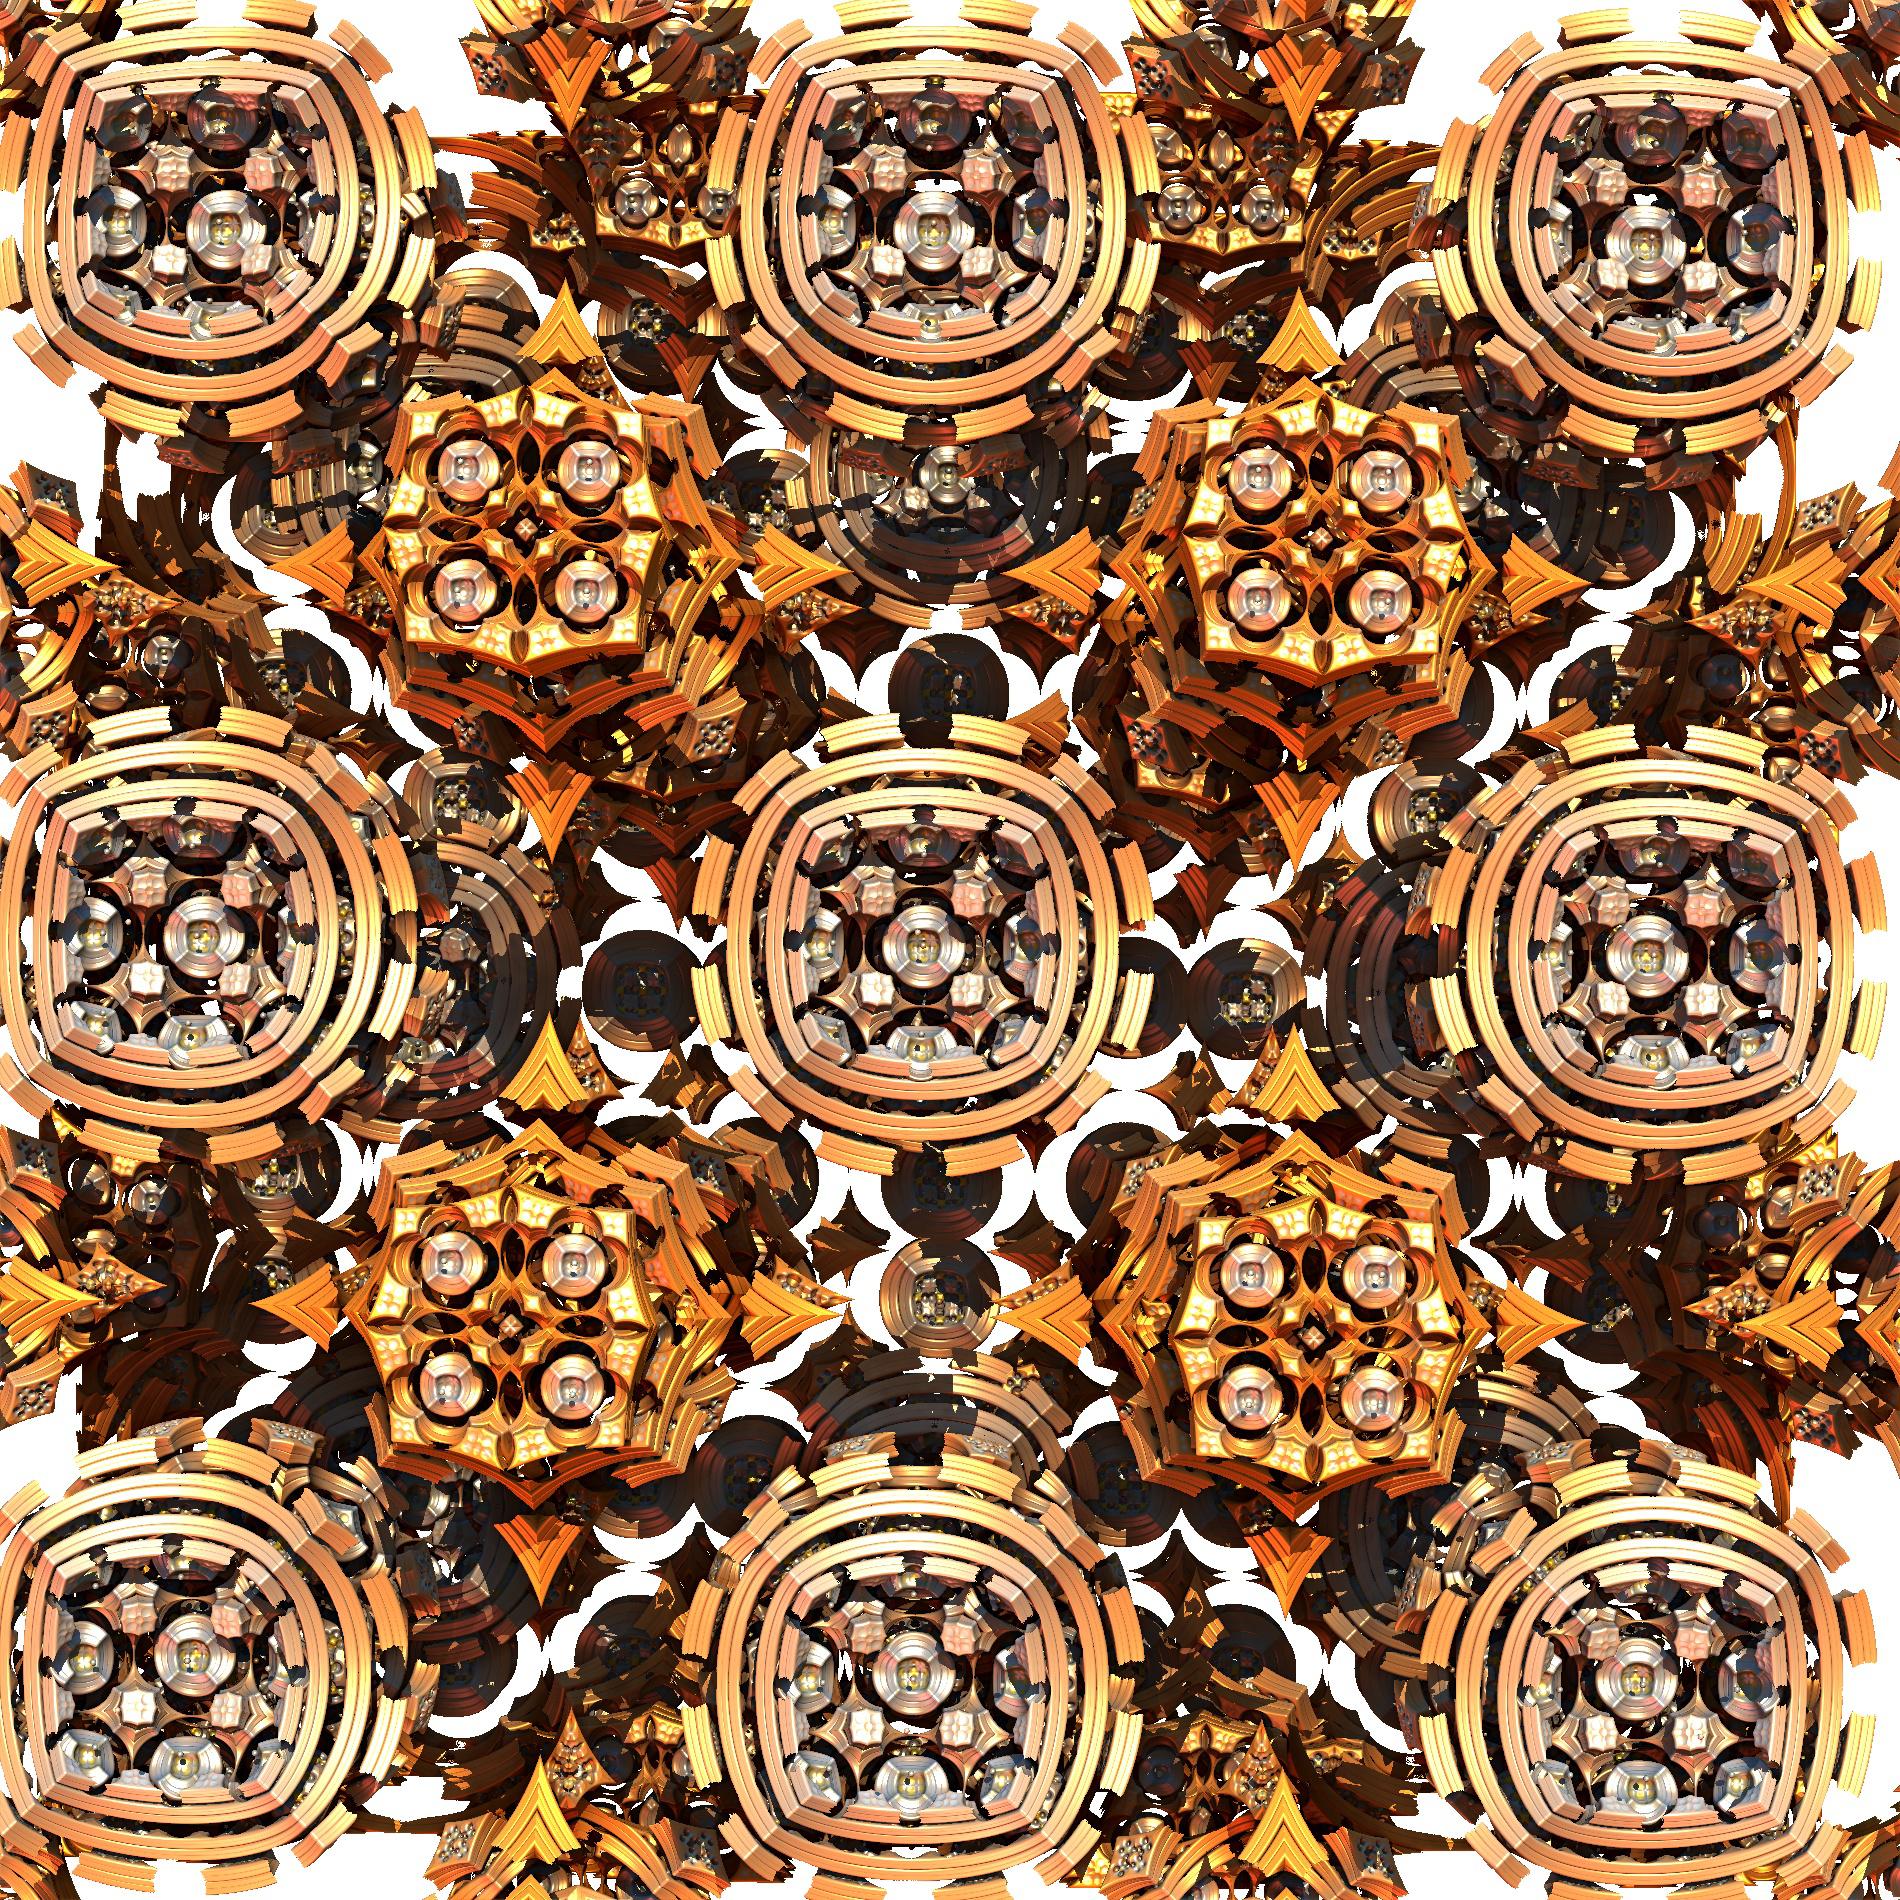 ゴールドダイヤモンド&クリスタルライト:リアル